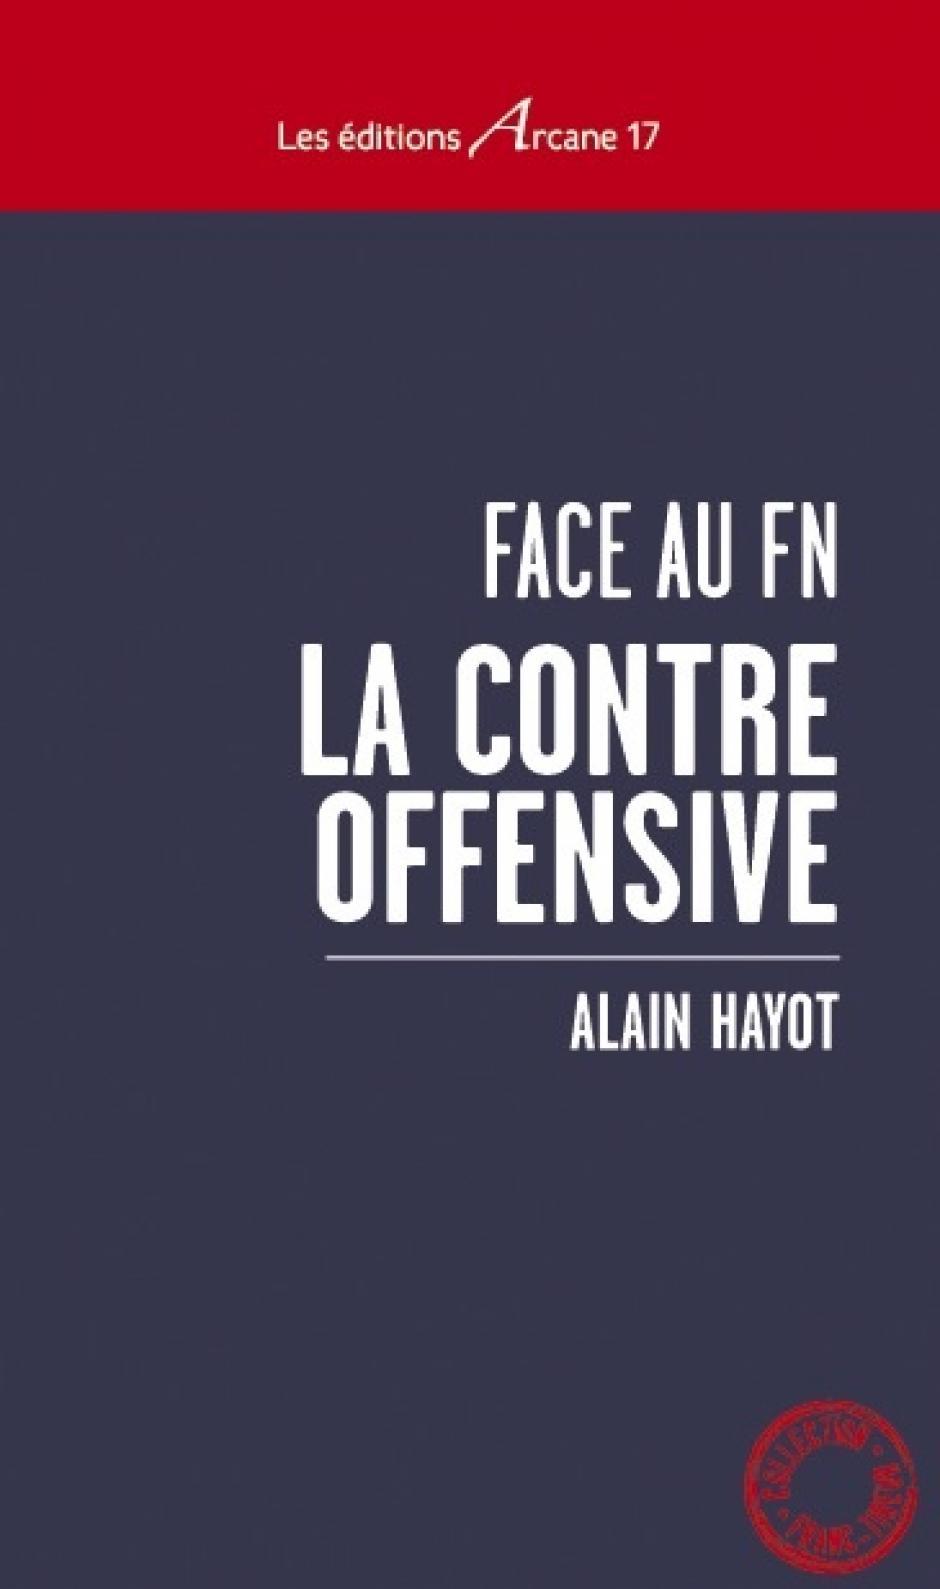 Face au FN – La contre-offensive, Alain Hayot